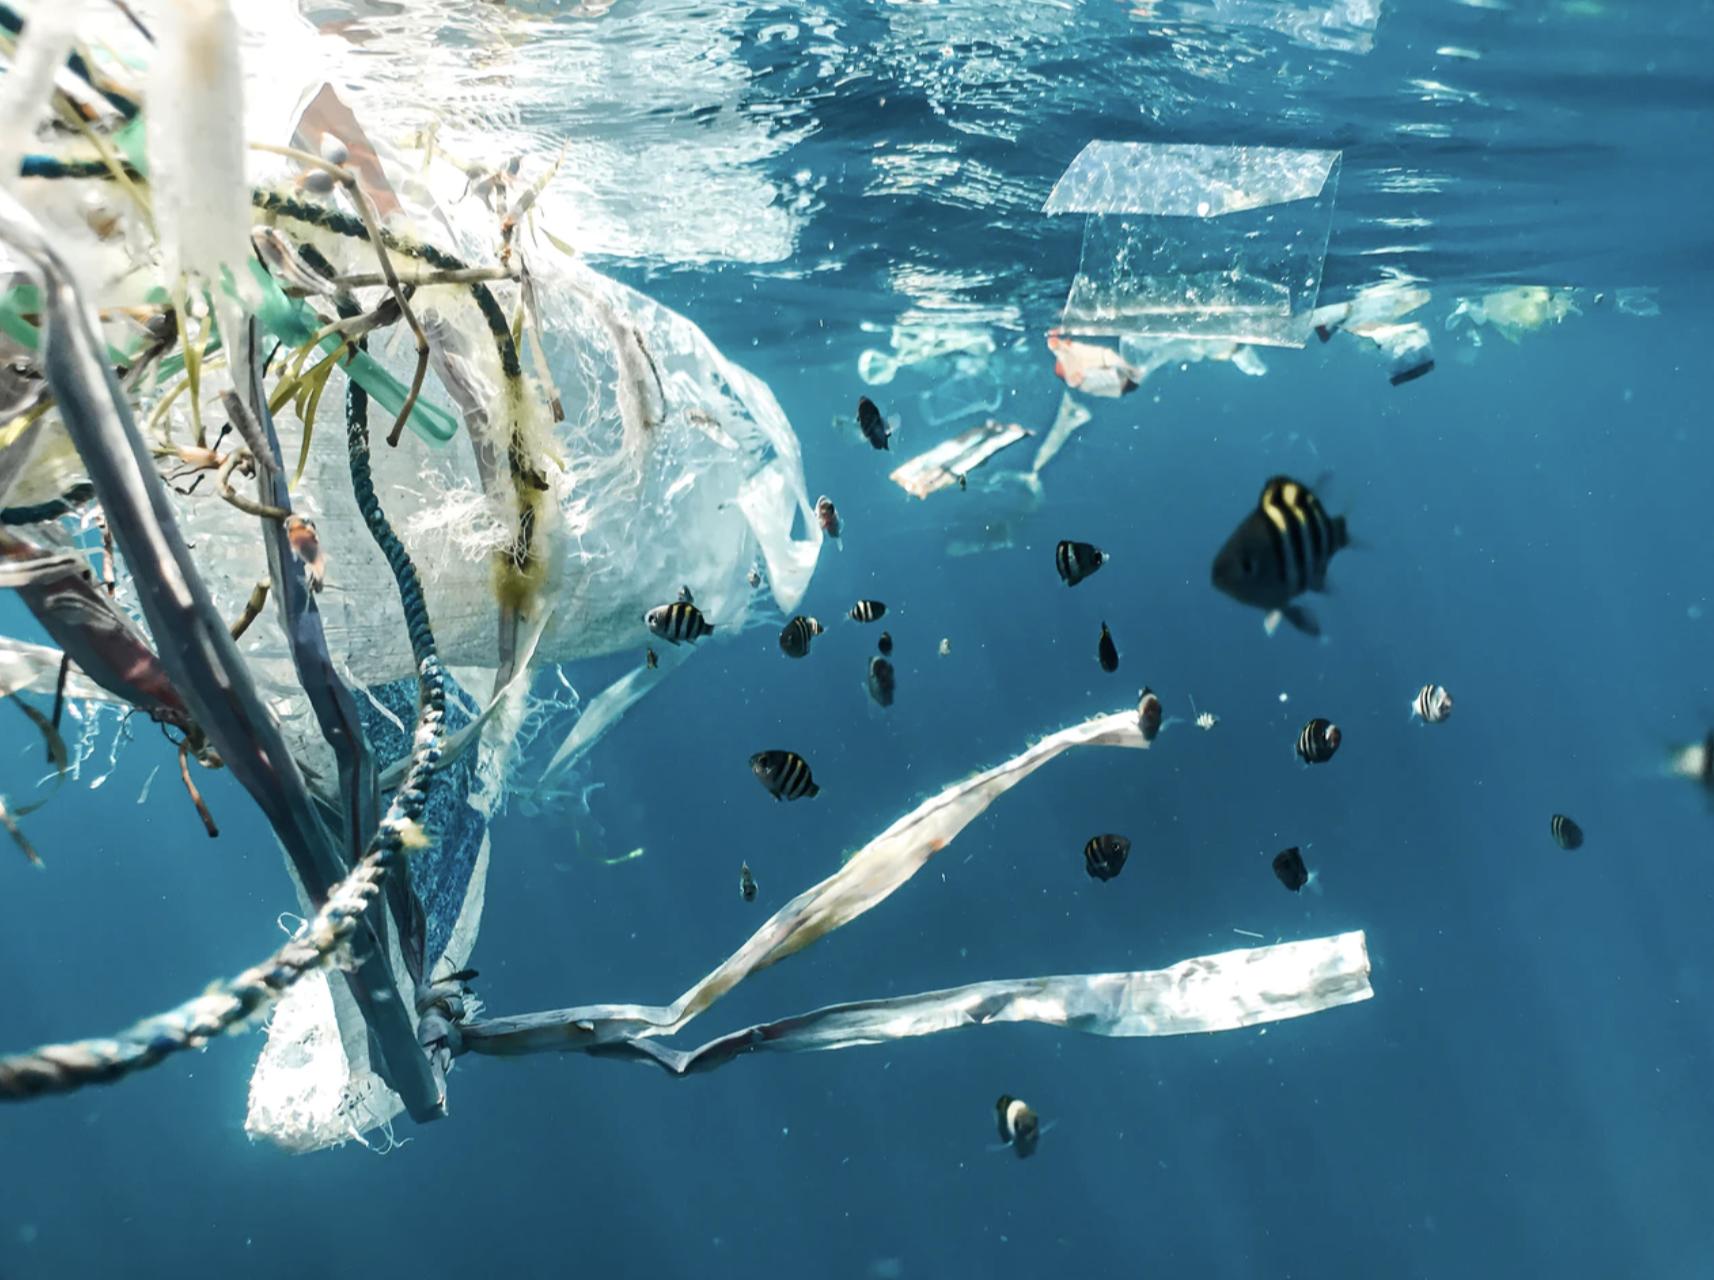 Z okazji Światowego Dnia Środowiska LG ogranicza ilość plastiku